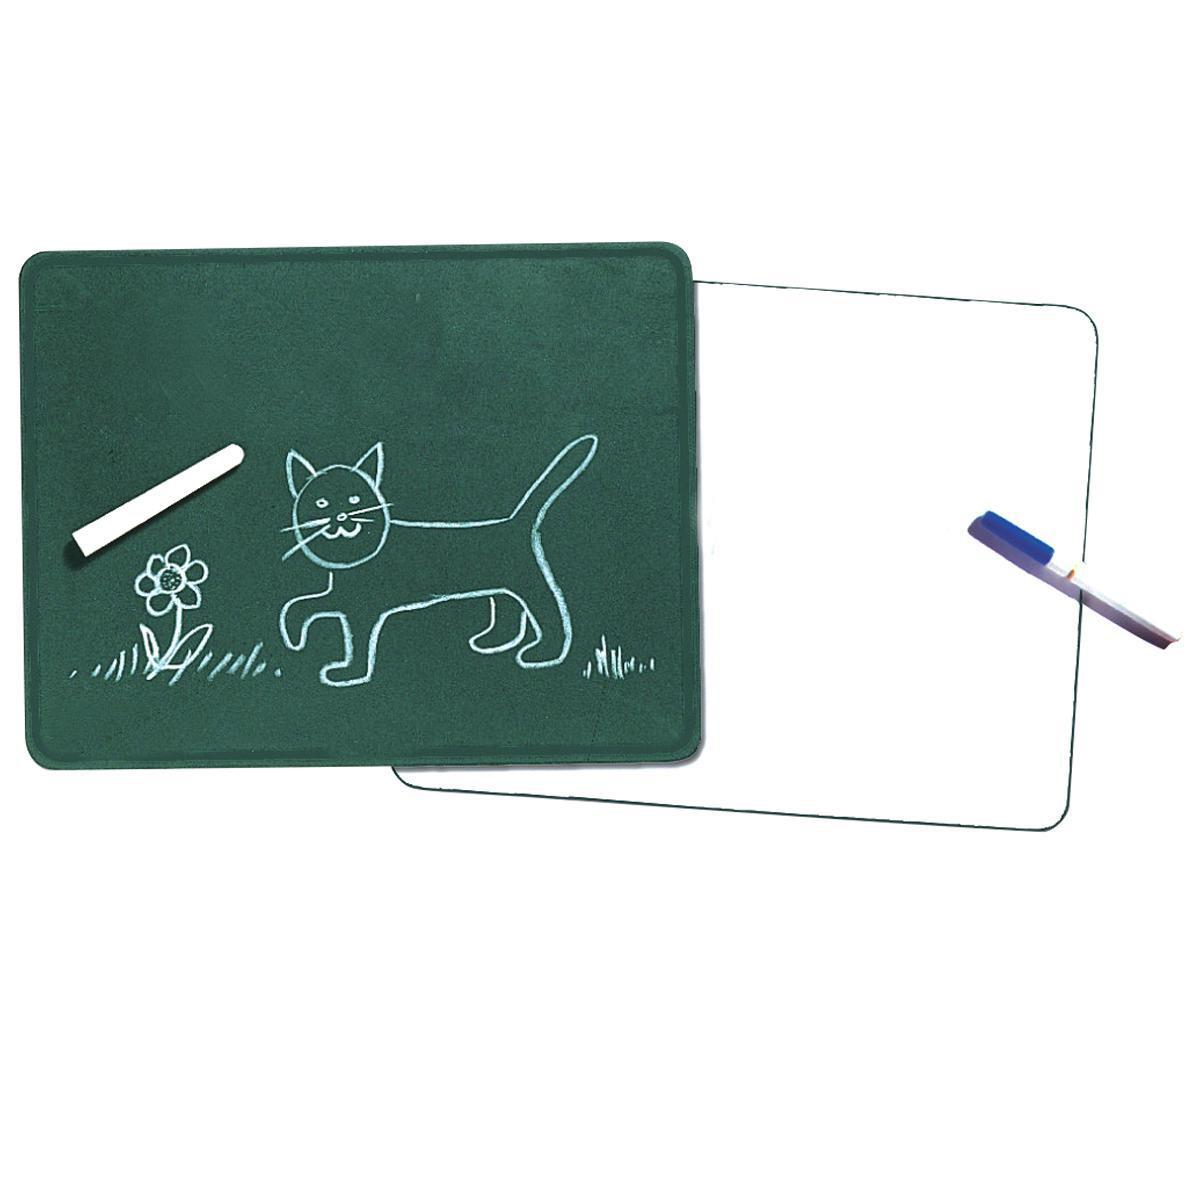 Tableaux à marqueur/craie verts